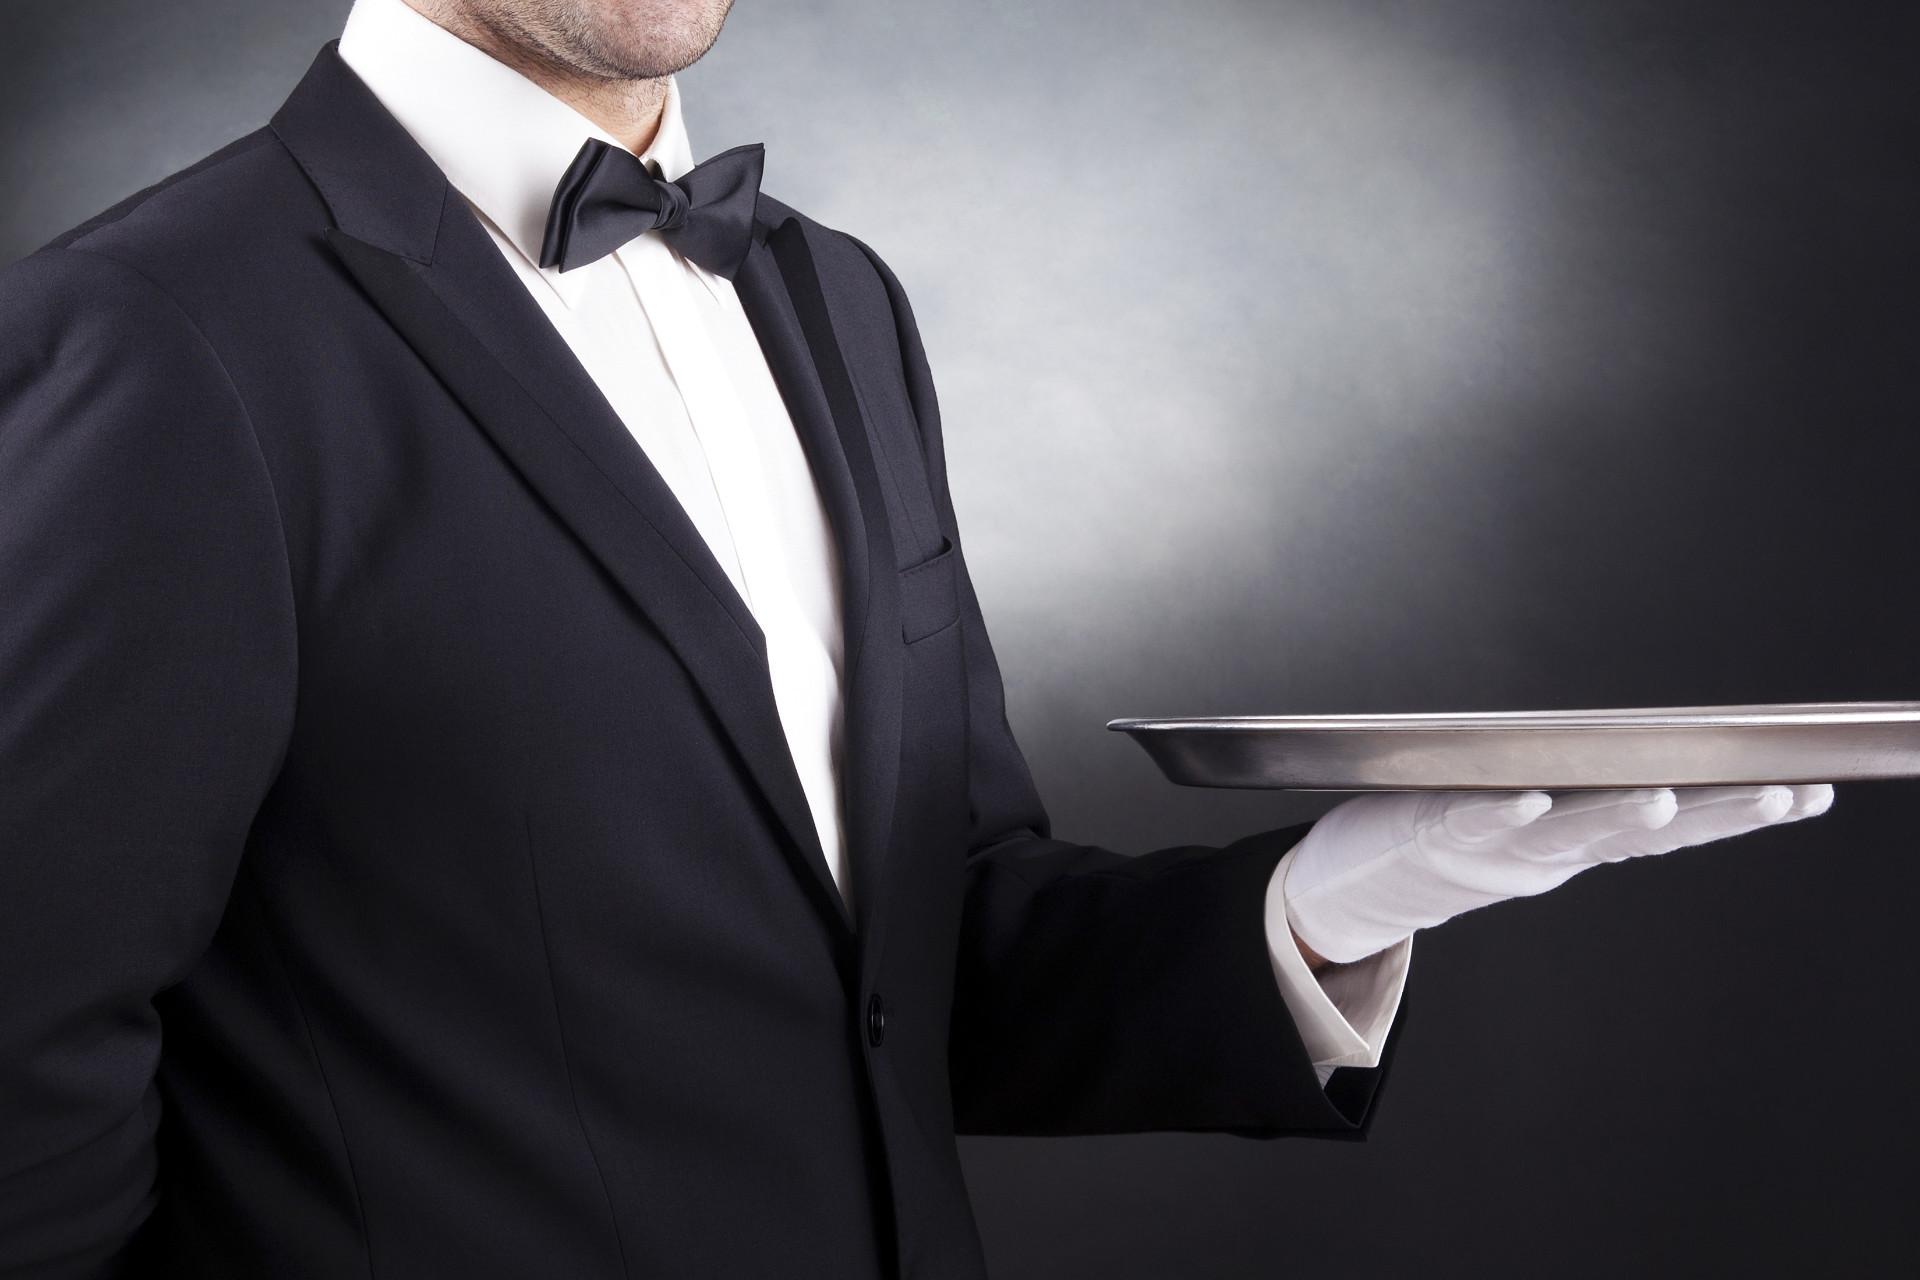 Empregados de mesa full-time e part-time